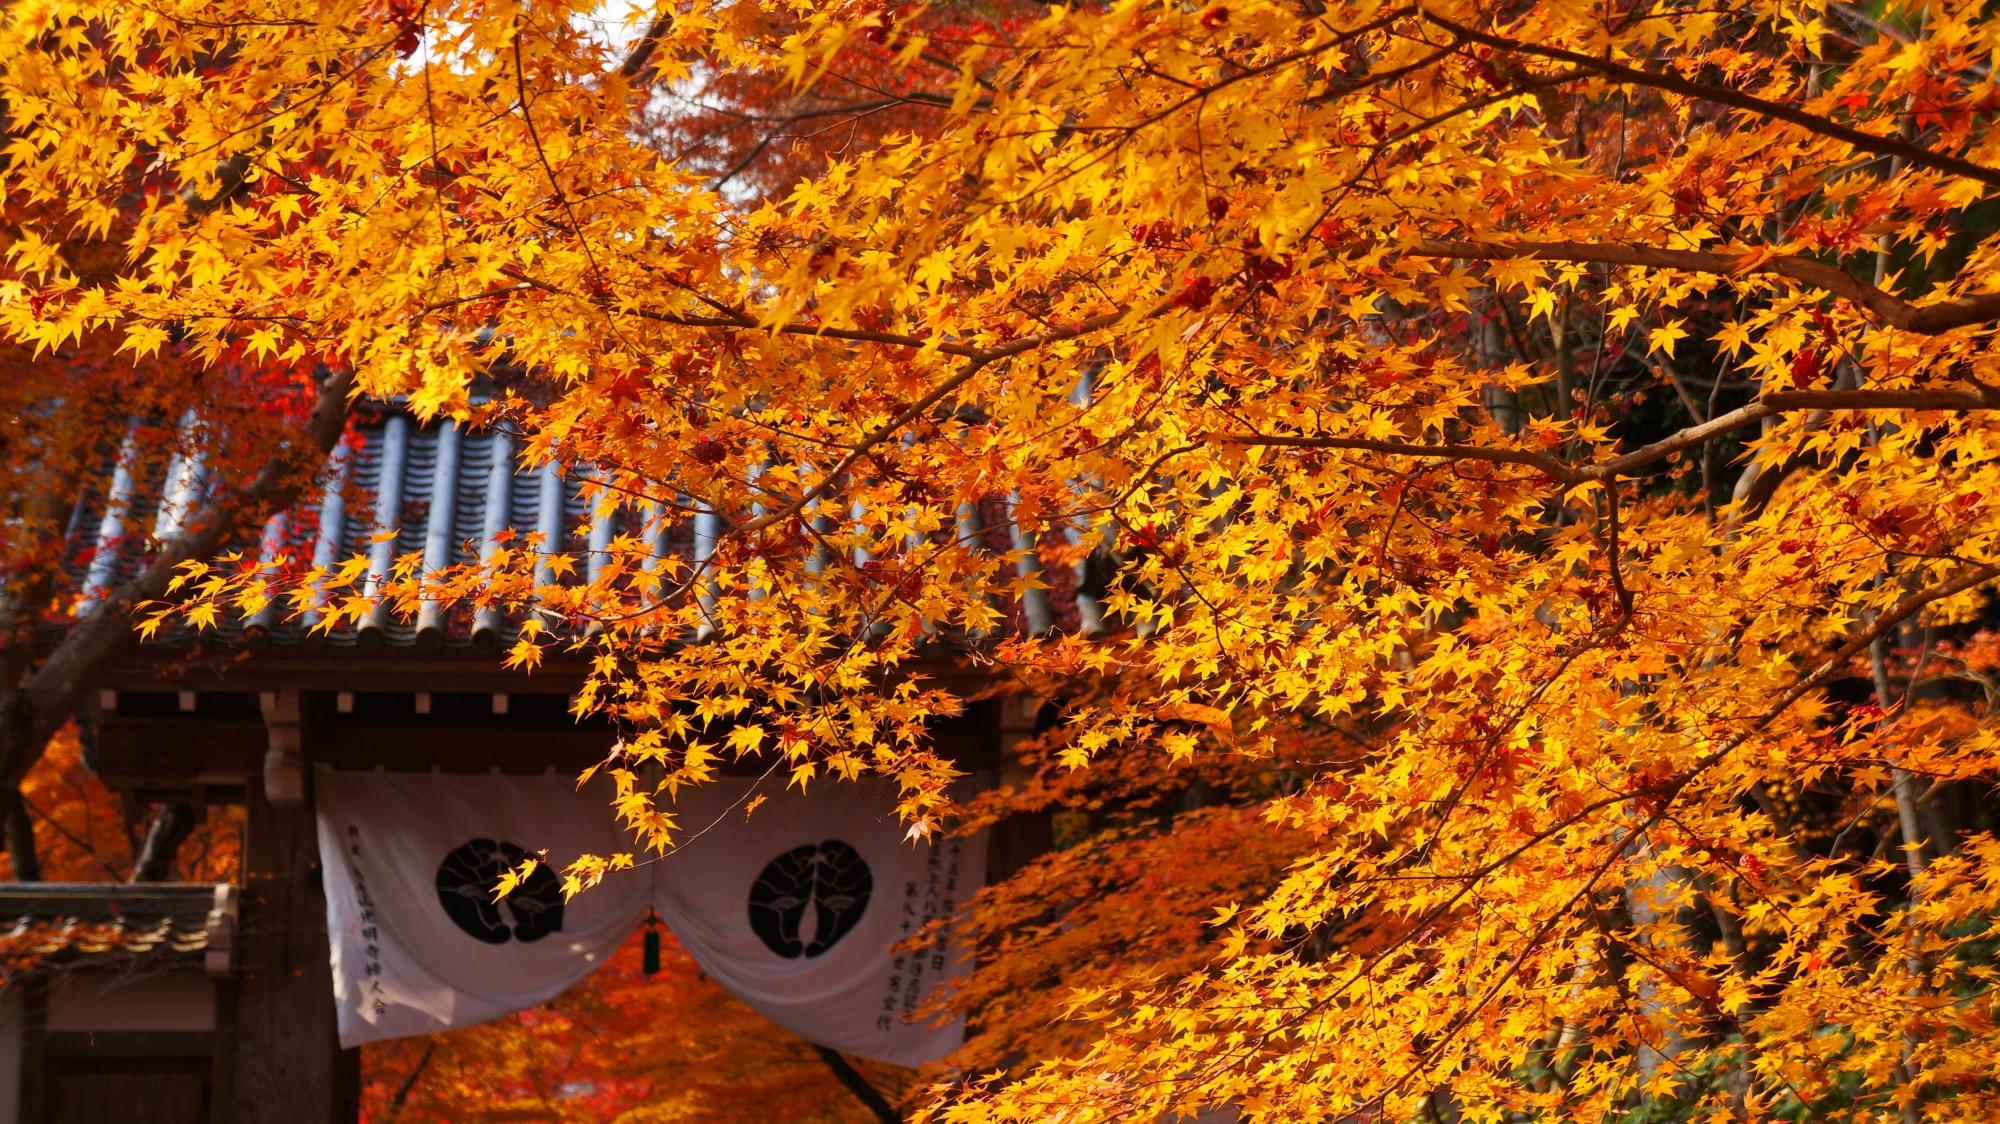 素晴らしい色づきと輝きの煌く紅葉